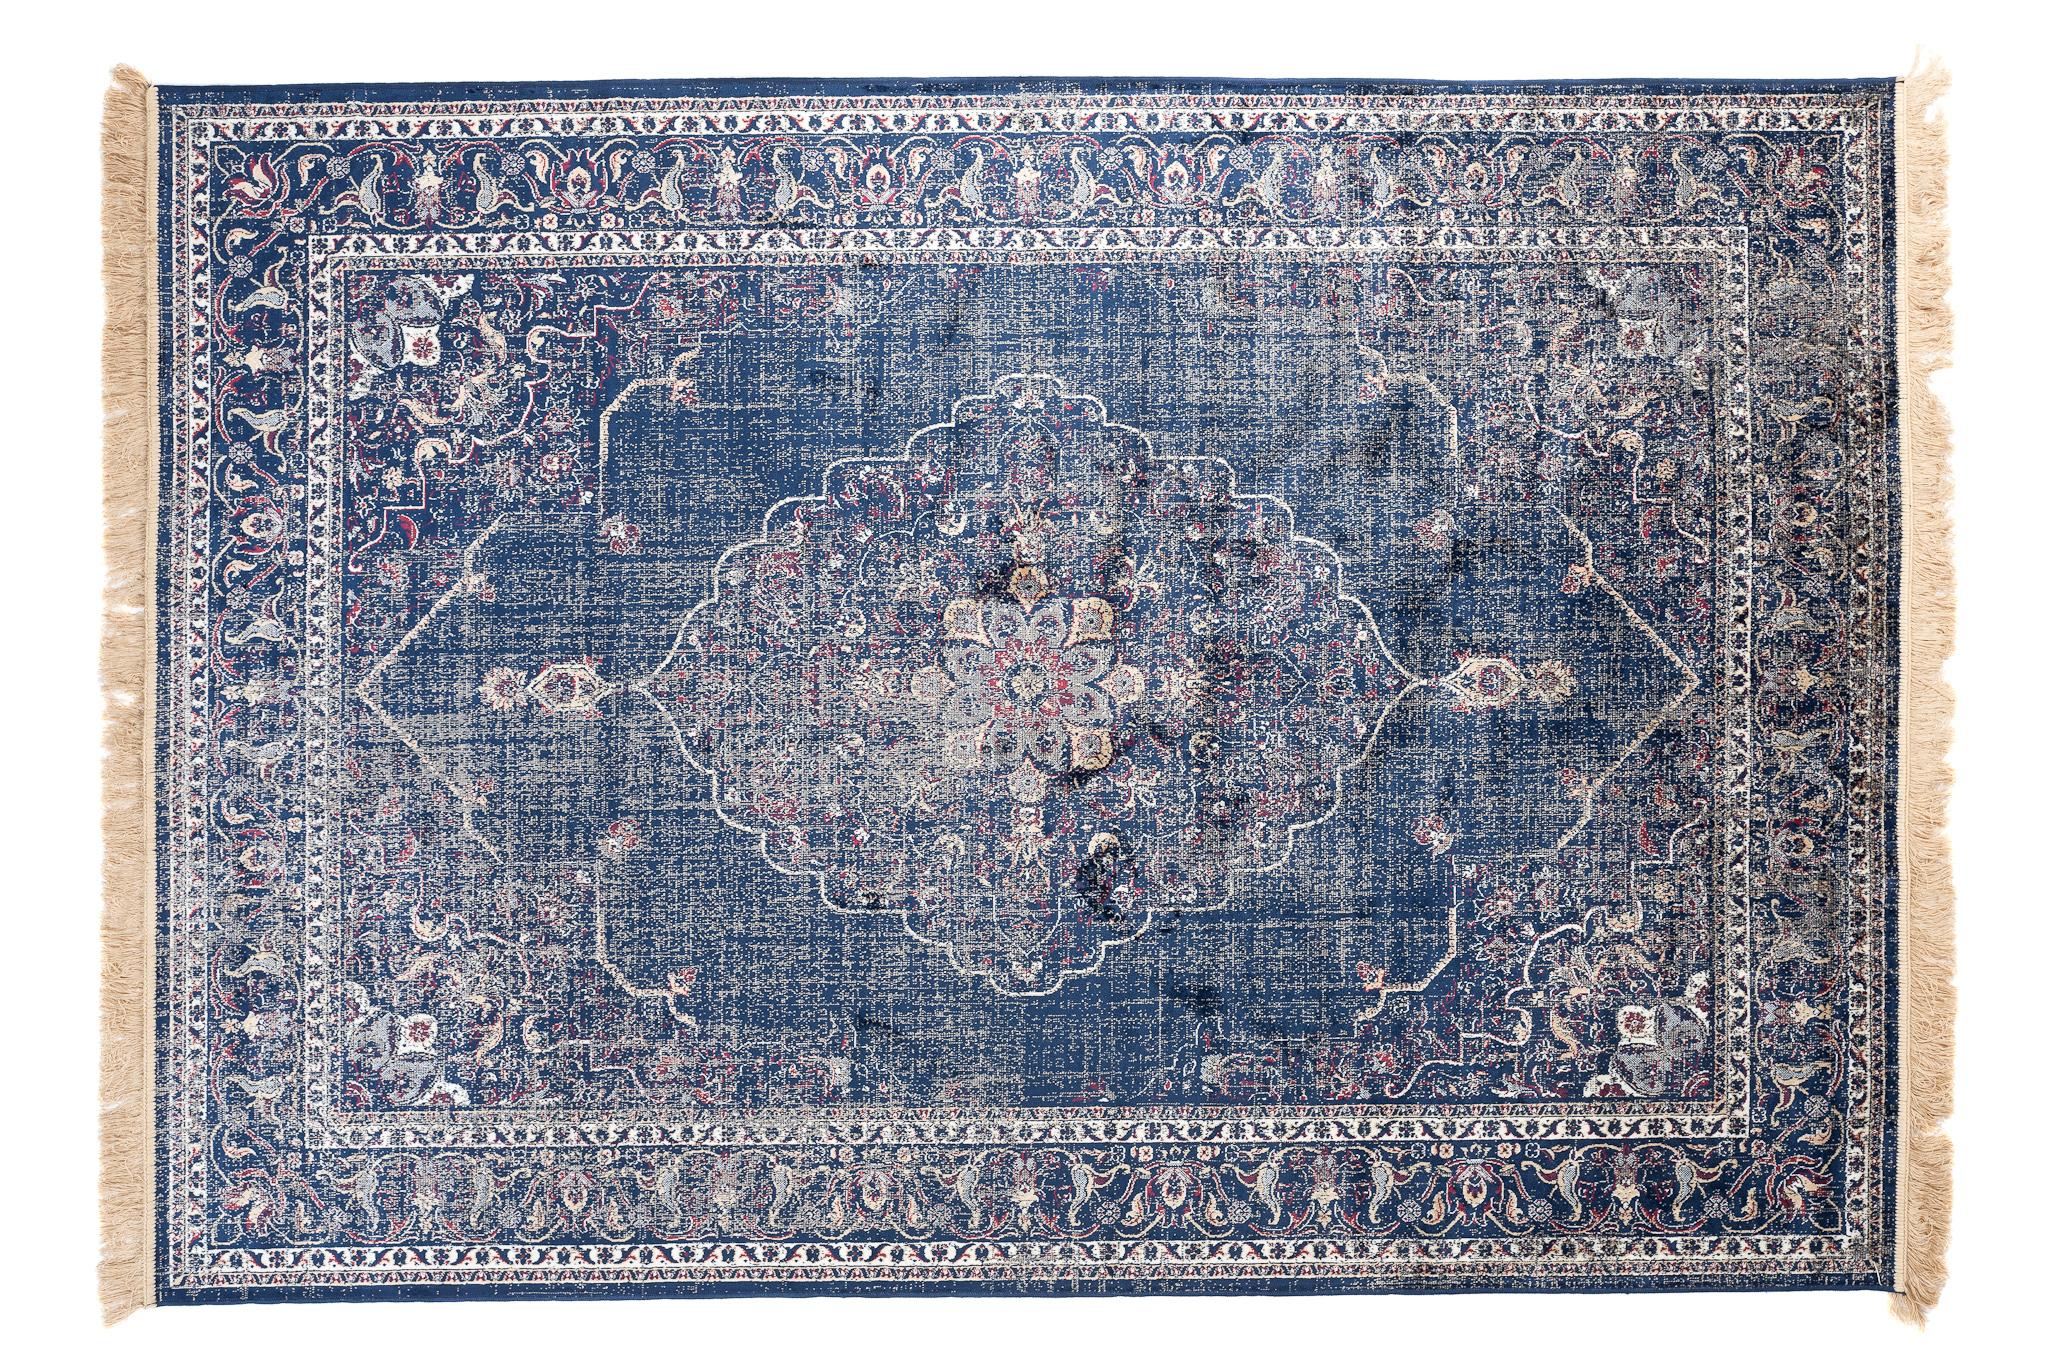 Dywan tradycyjny Isphahan 84279/51 niebieski